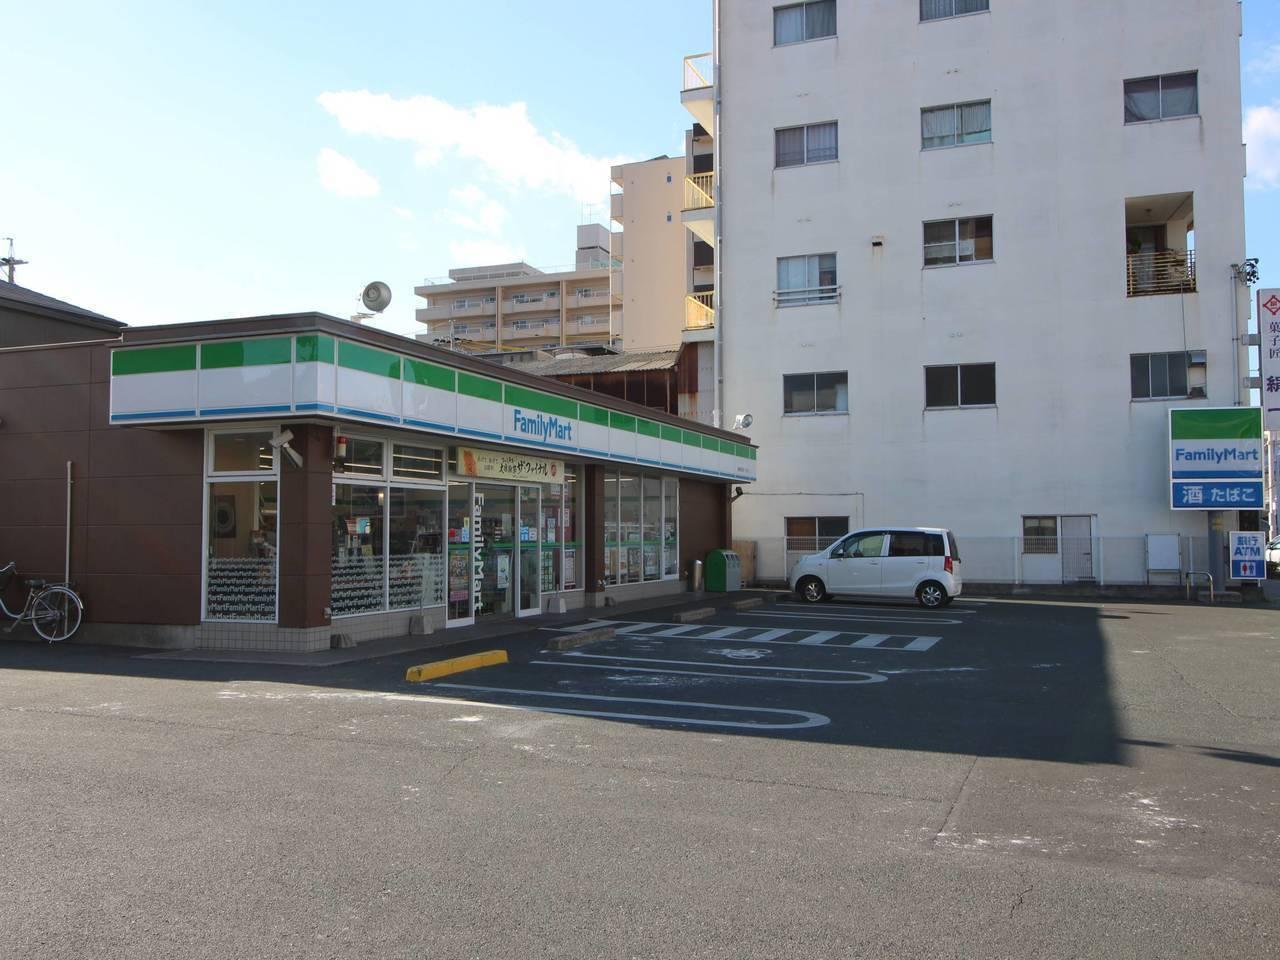 【コンビニ】ファミリーマート豊橋前田町一丁目店まで徒歩4分(275m)